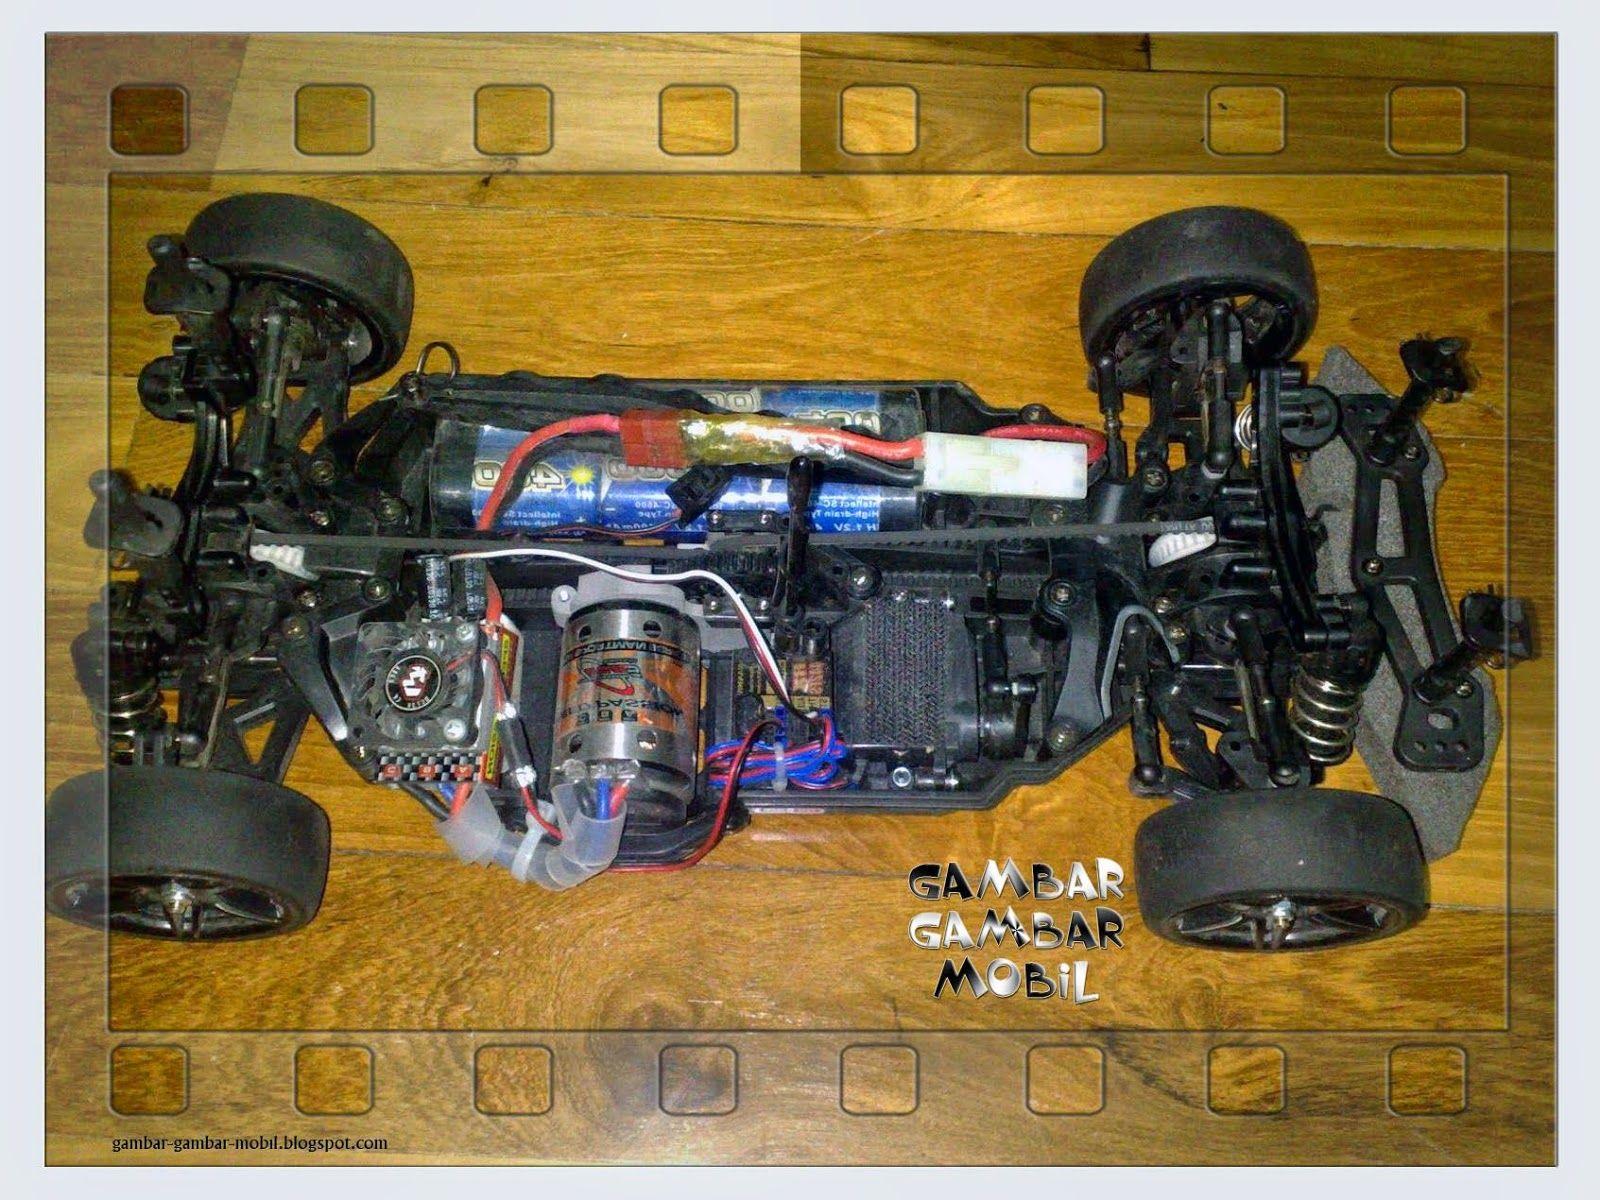 Gambar Mobil Rc Gambar Gambar Mobil Mobil Rc Mobil Remote